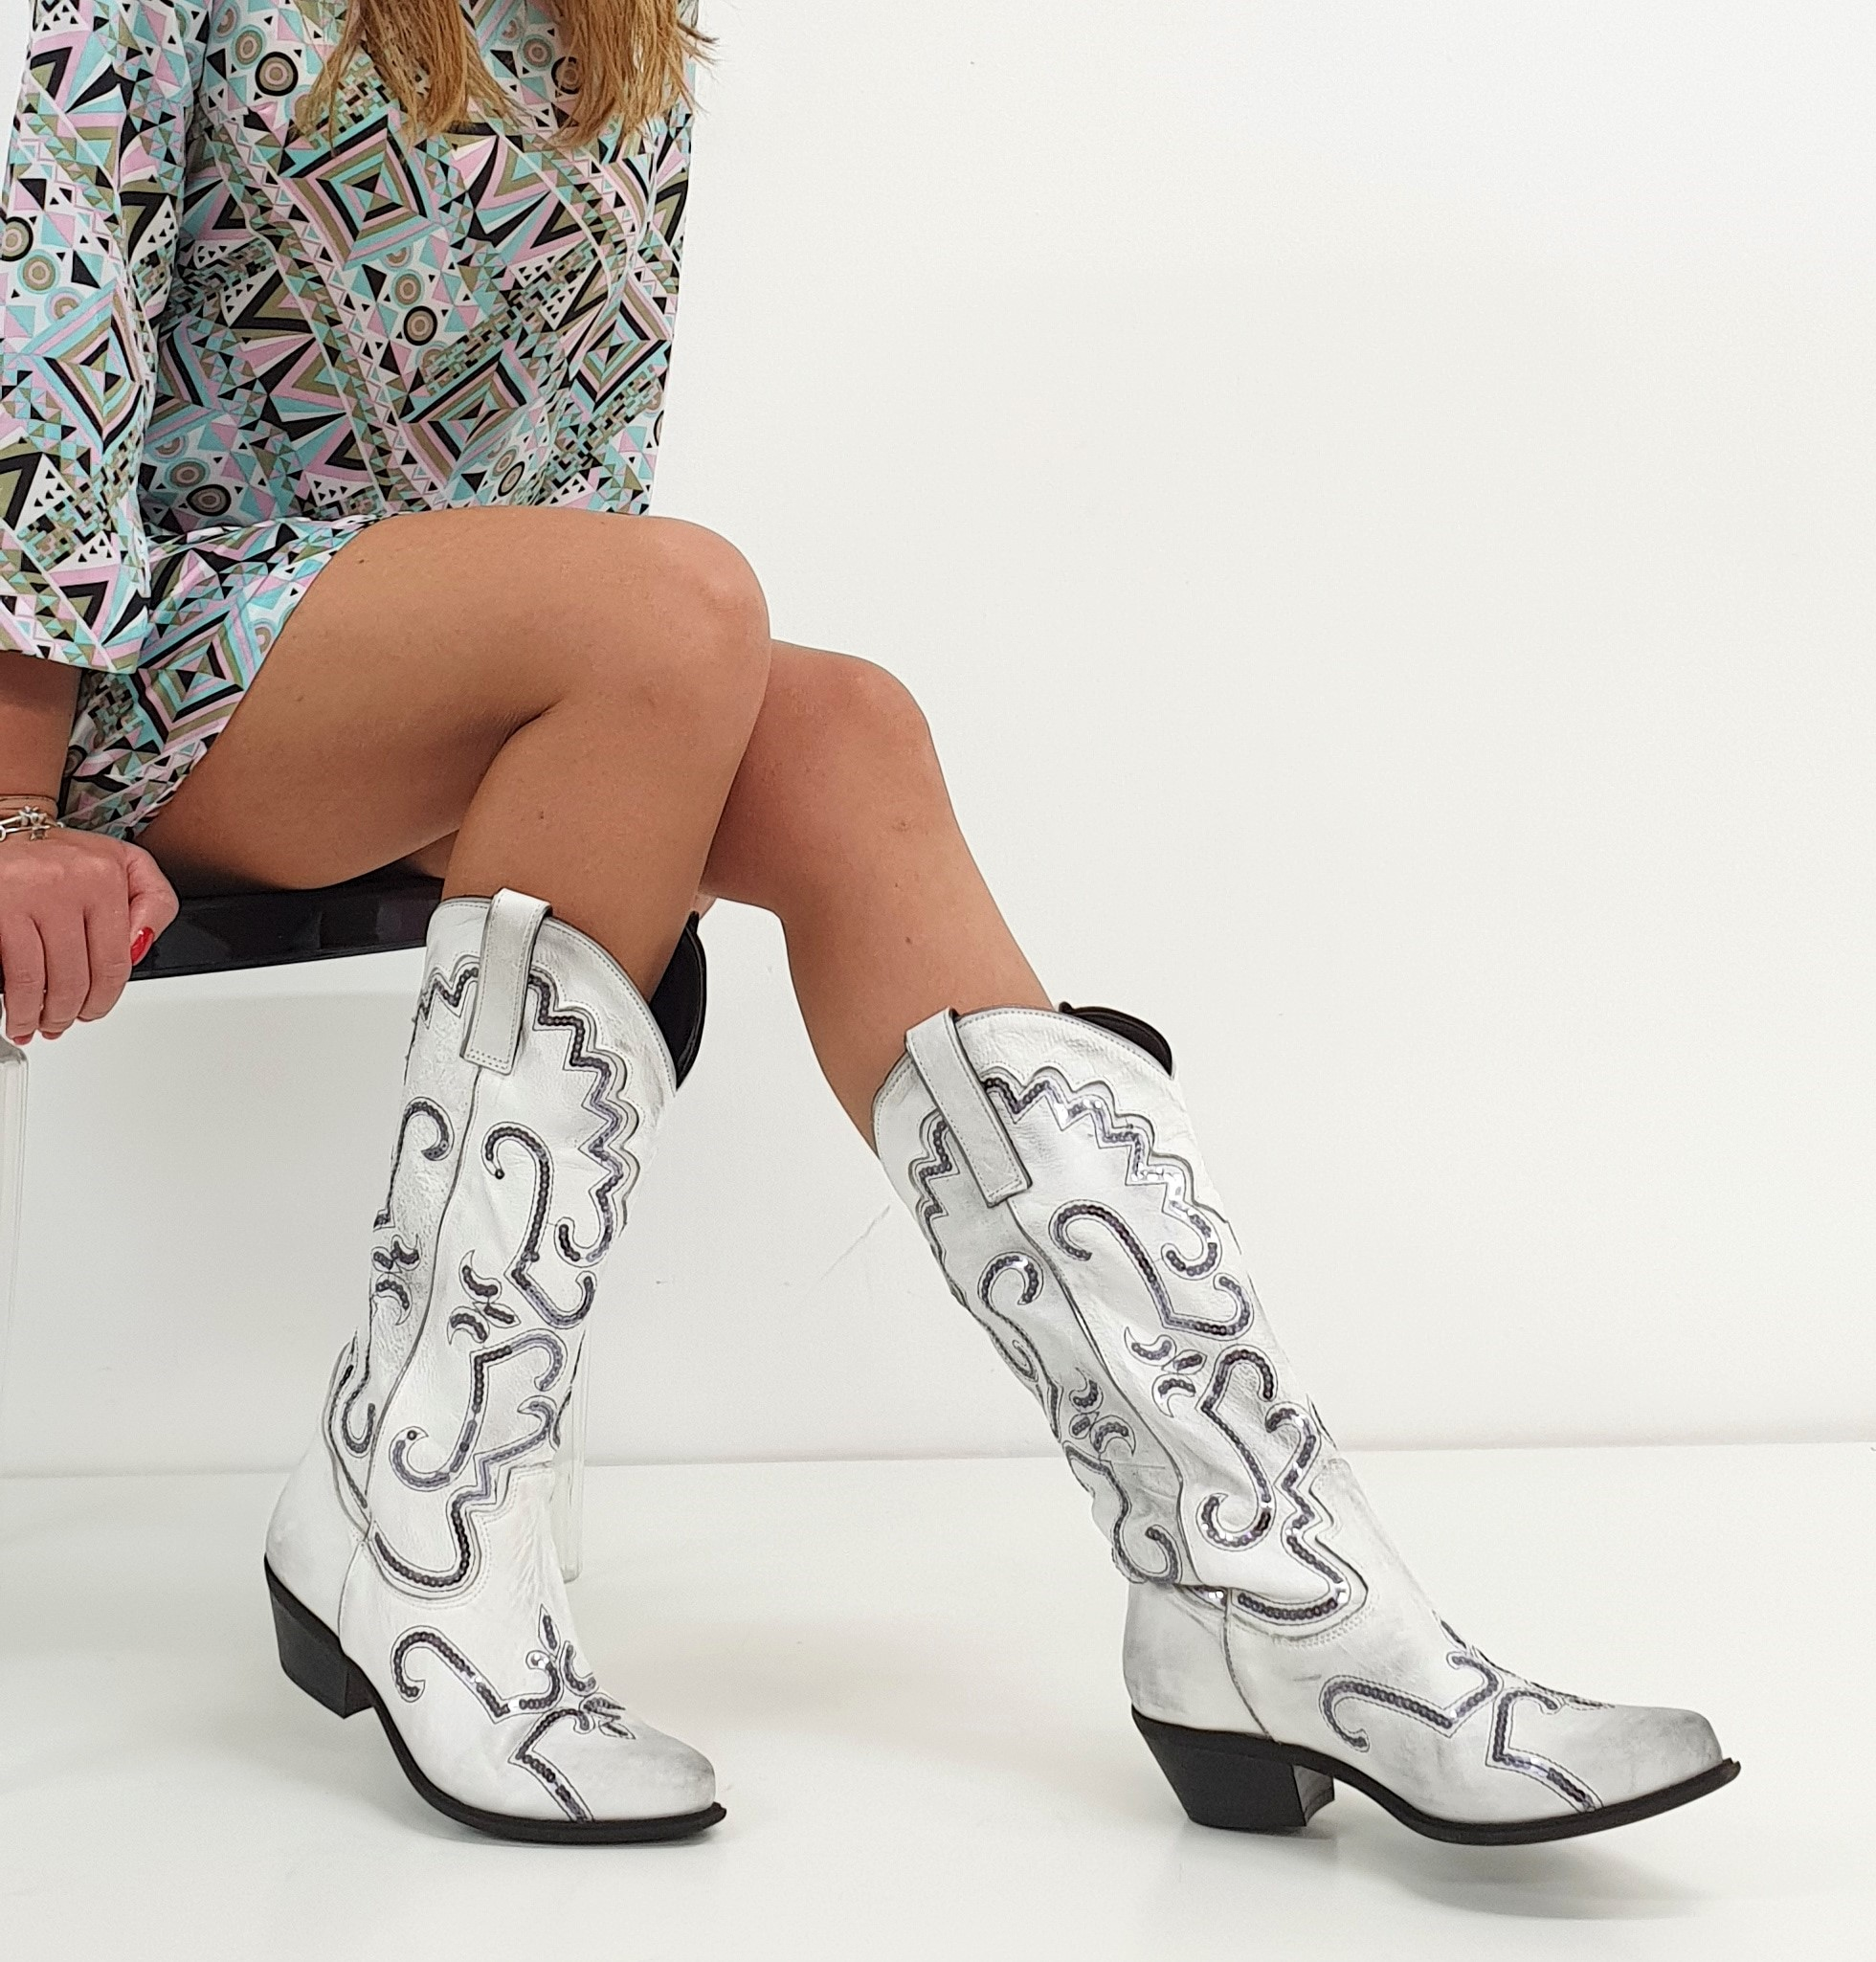 Stivali Oldwest 30 pelle bianco e nero – LiaDiva